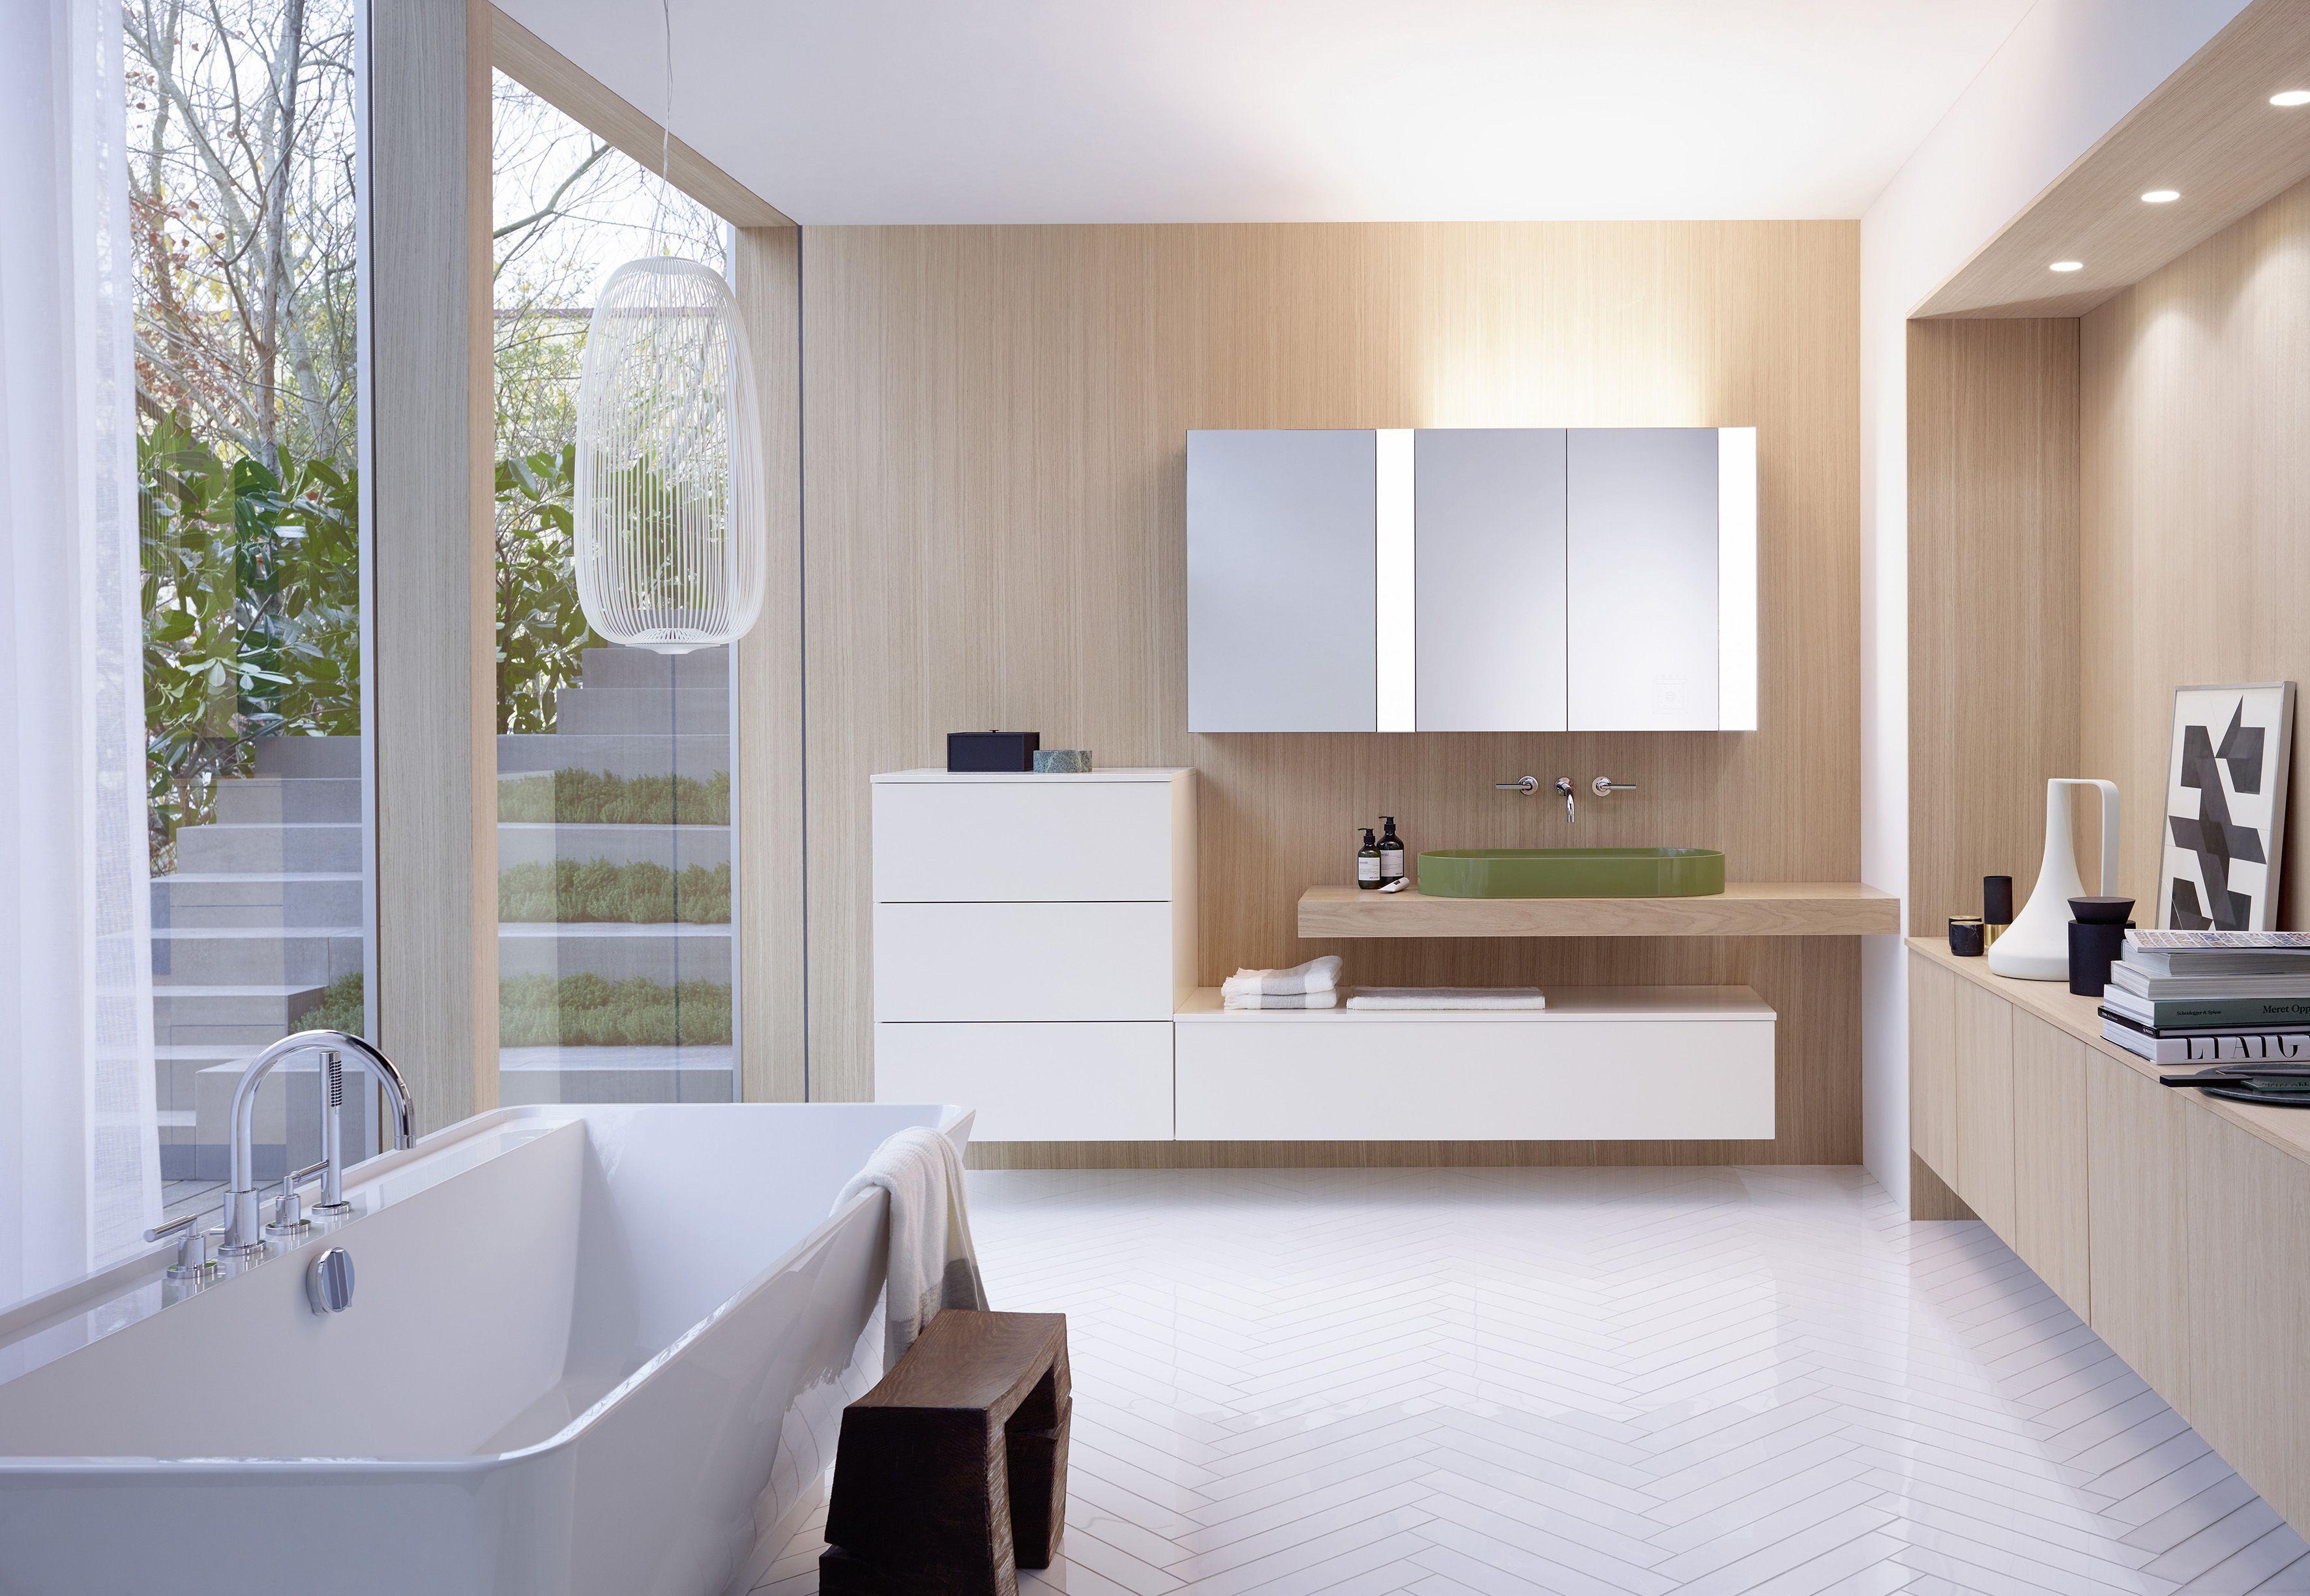 Licht im Bad So der Spiegelschrank für Entspannung